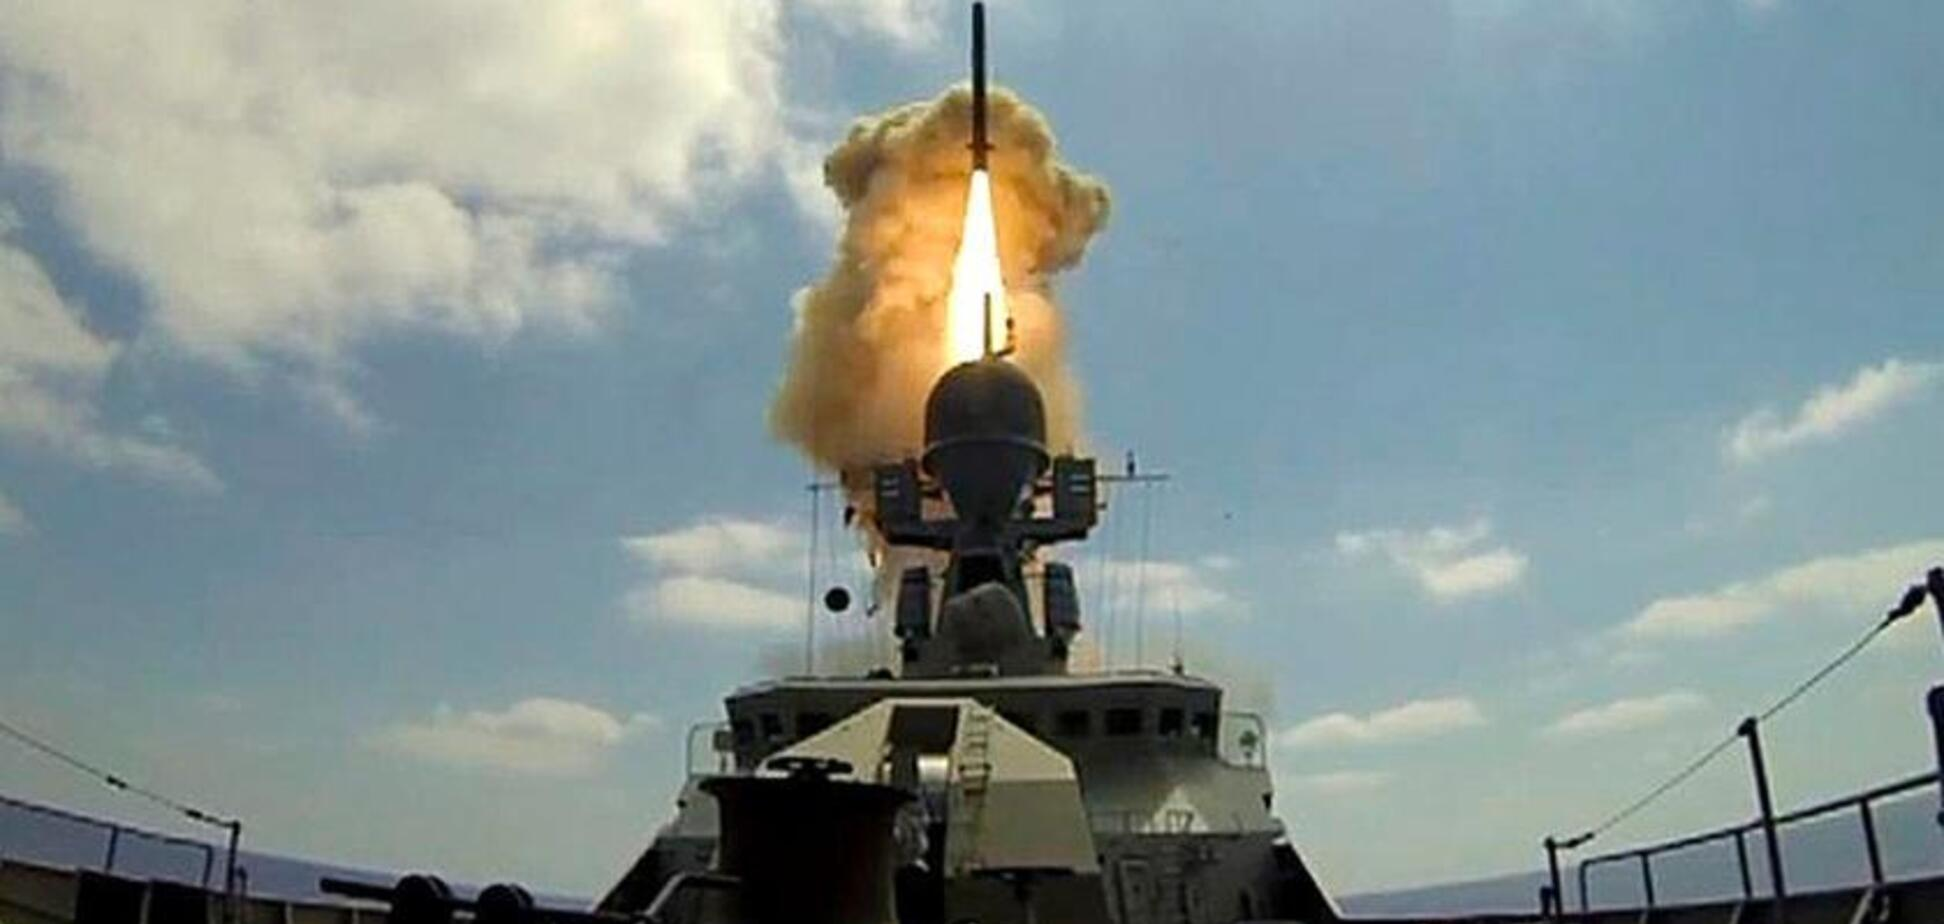 ''Здравый смысл не взял верх'': в России дерзко ответили на решение США по ракетному договору